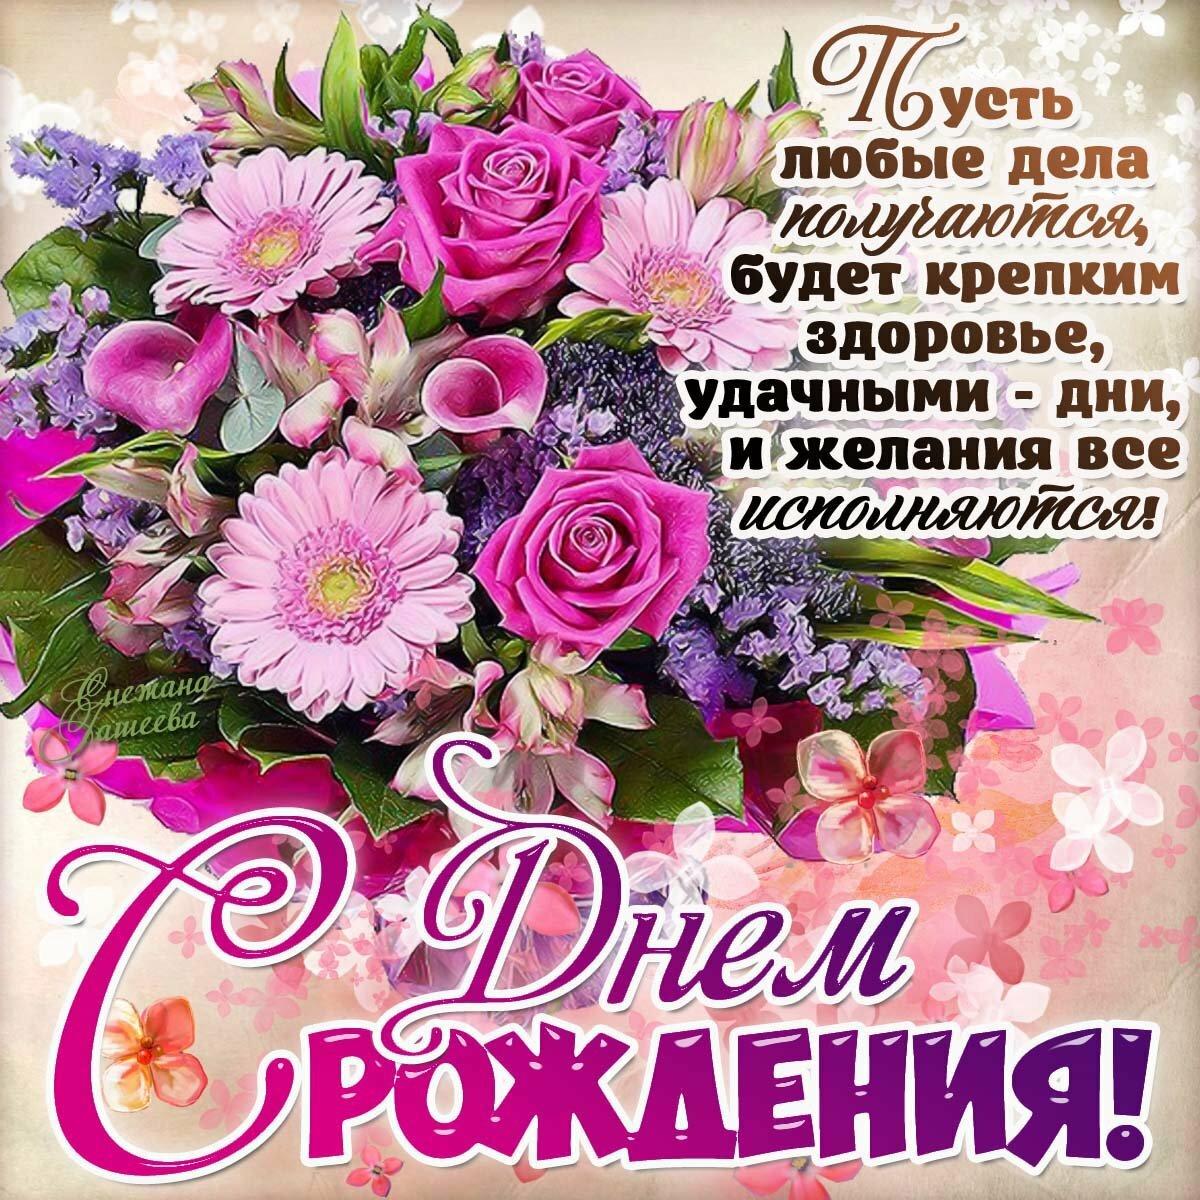 Поздравление с днем рождения гузалии